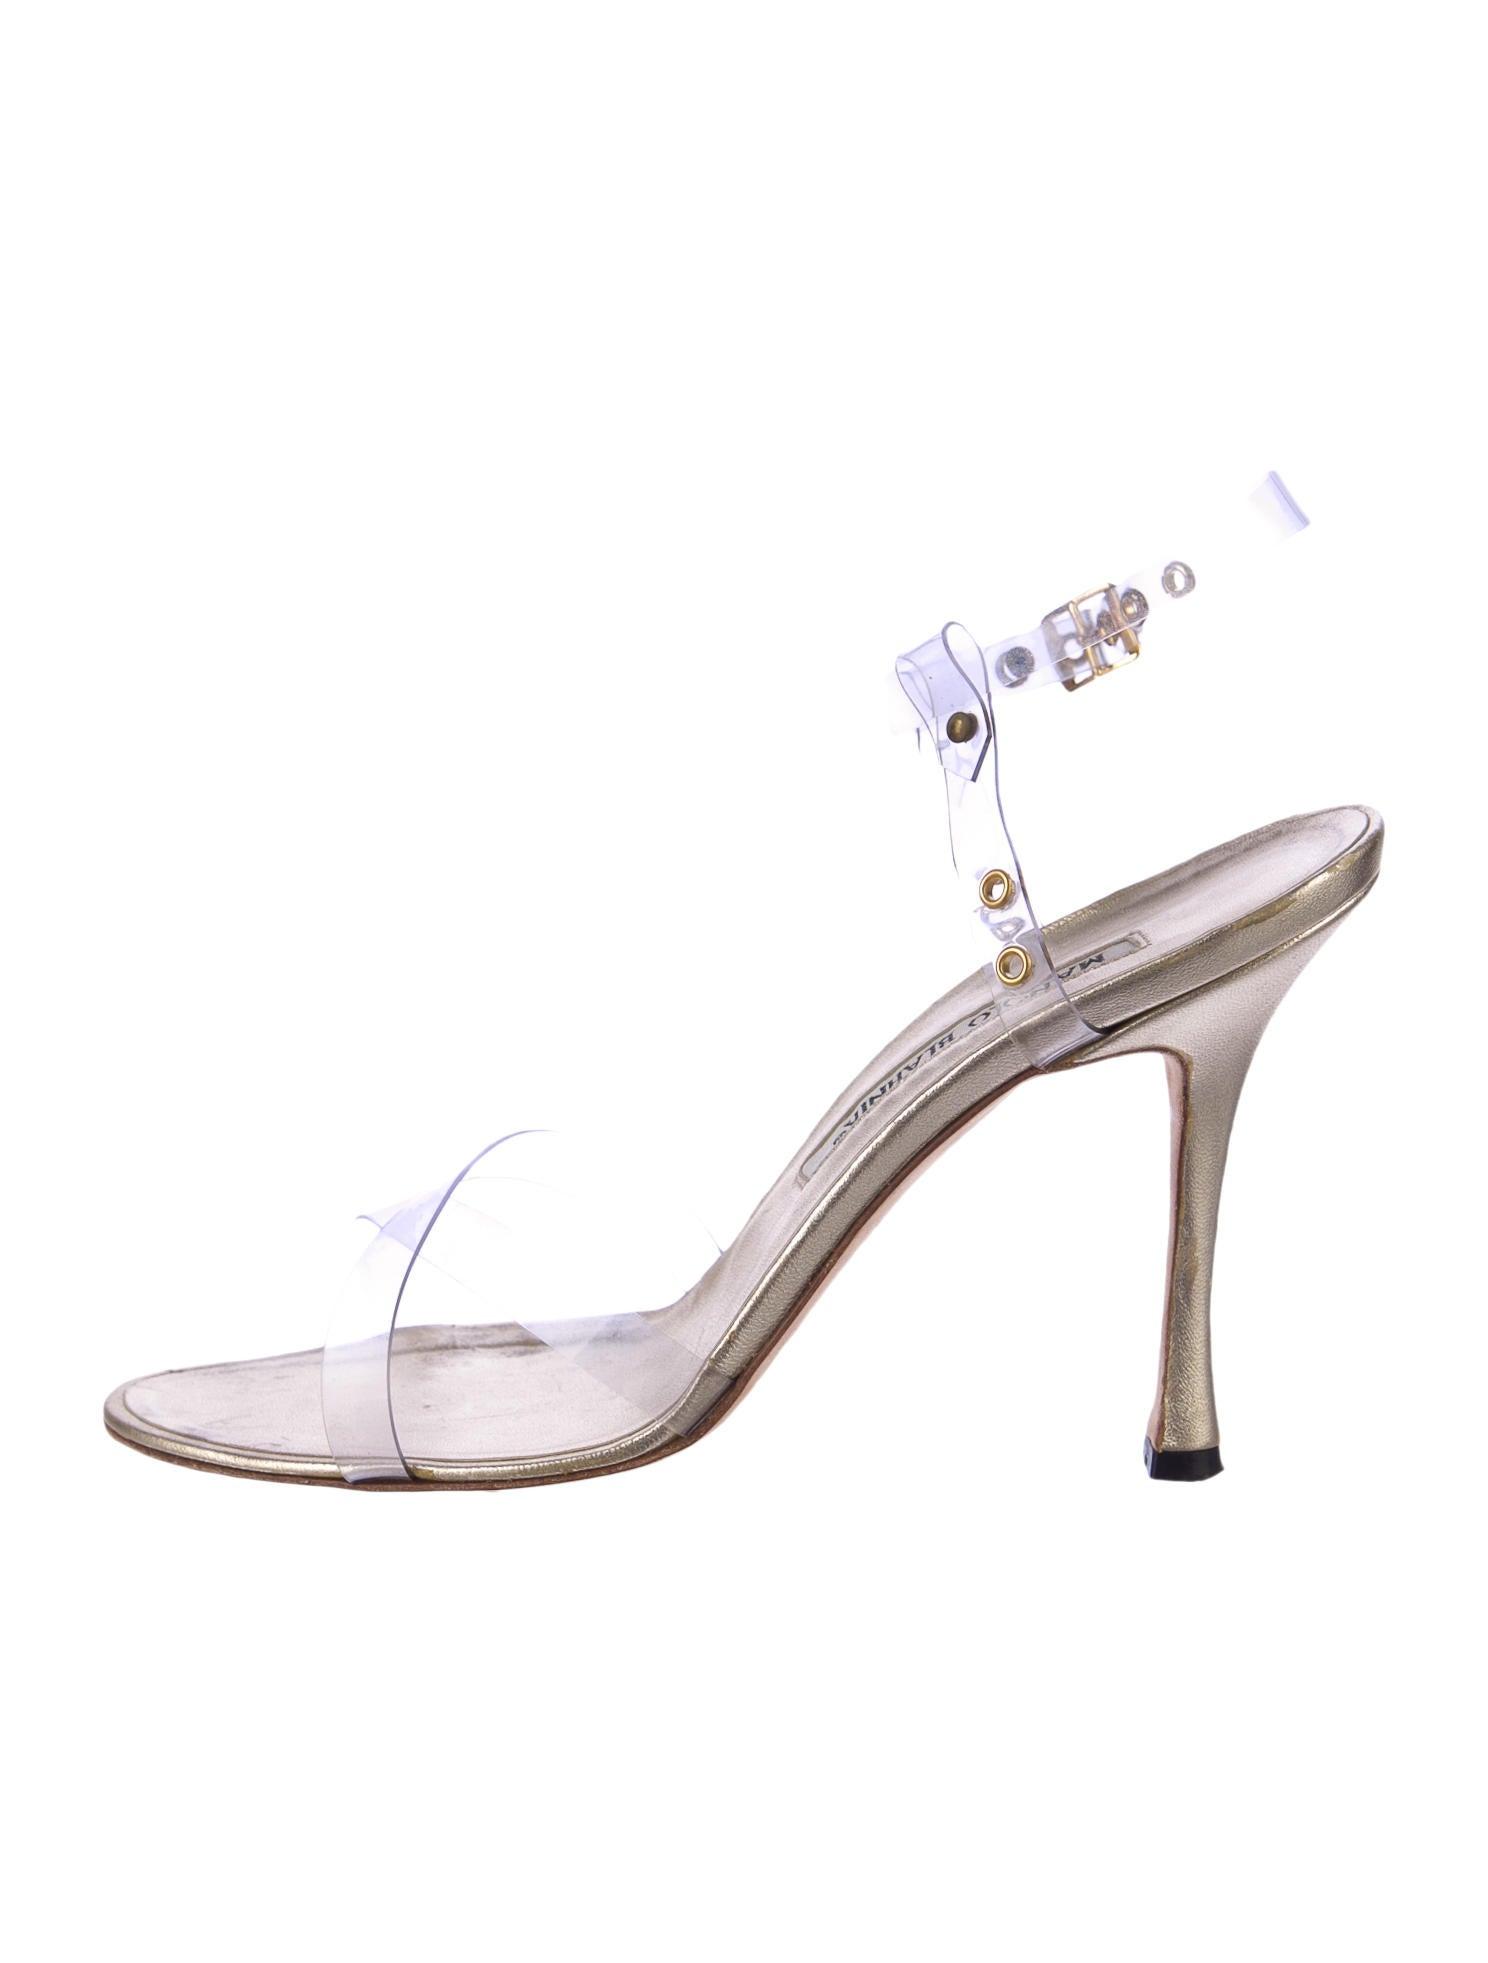 manolo blahnik clear heels